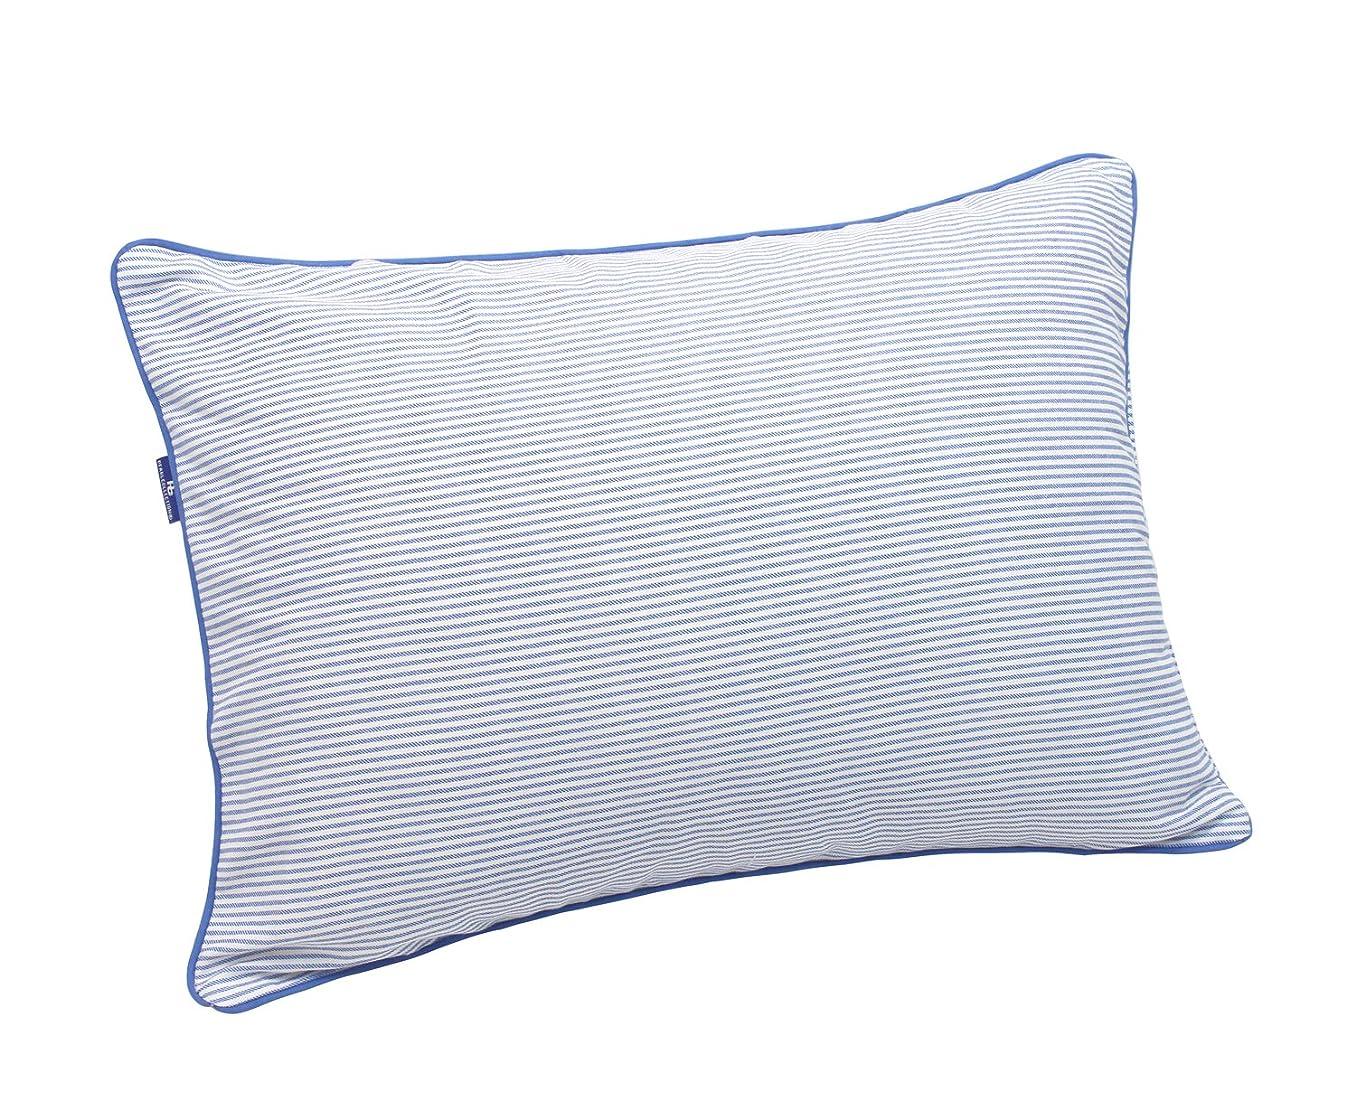 解凍する、雪解け、霜解け地元仮説枕カバー 綿100% 丈夫でしなやか ツイル織り ストライプ 35×50cm ネイビー 16235NB